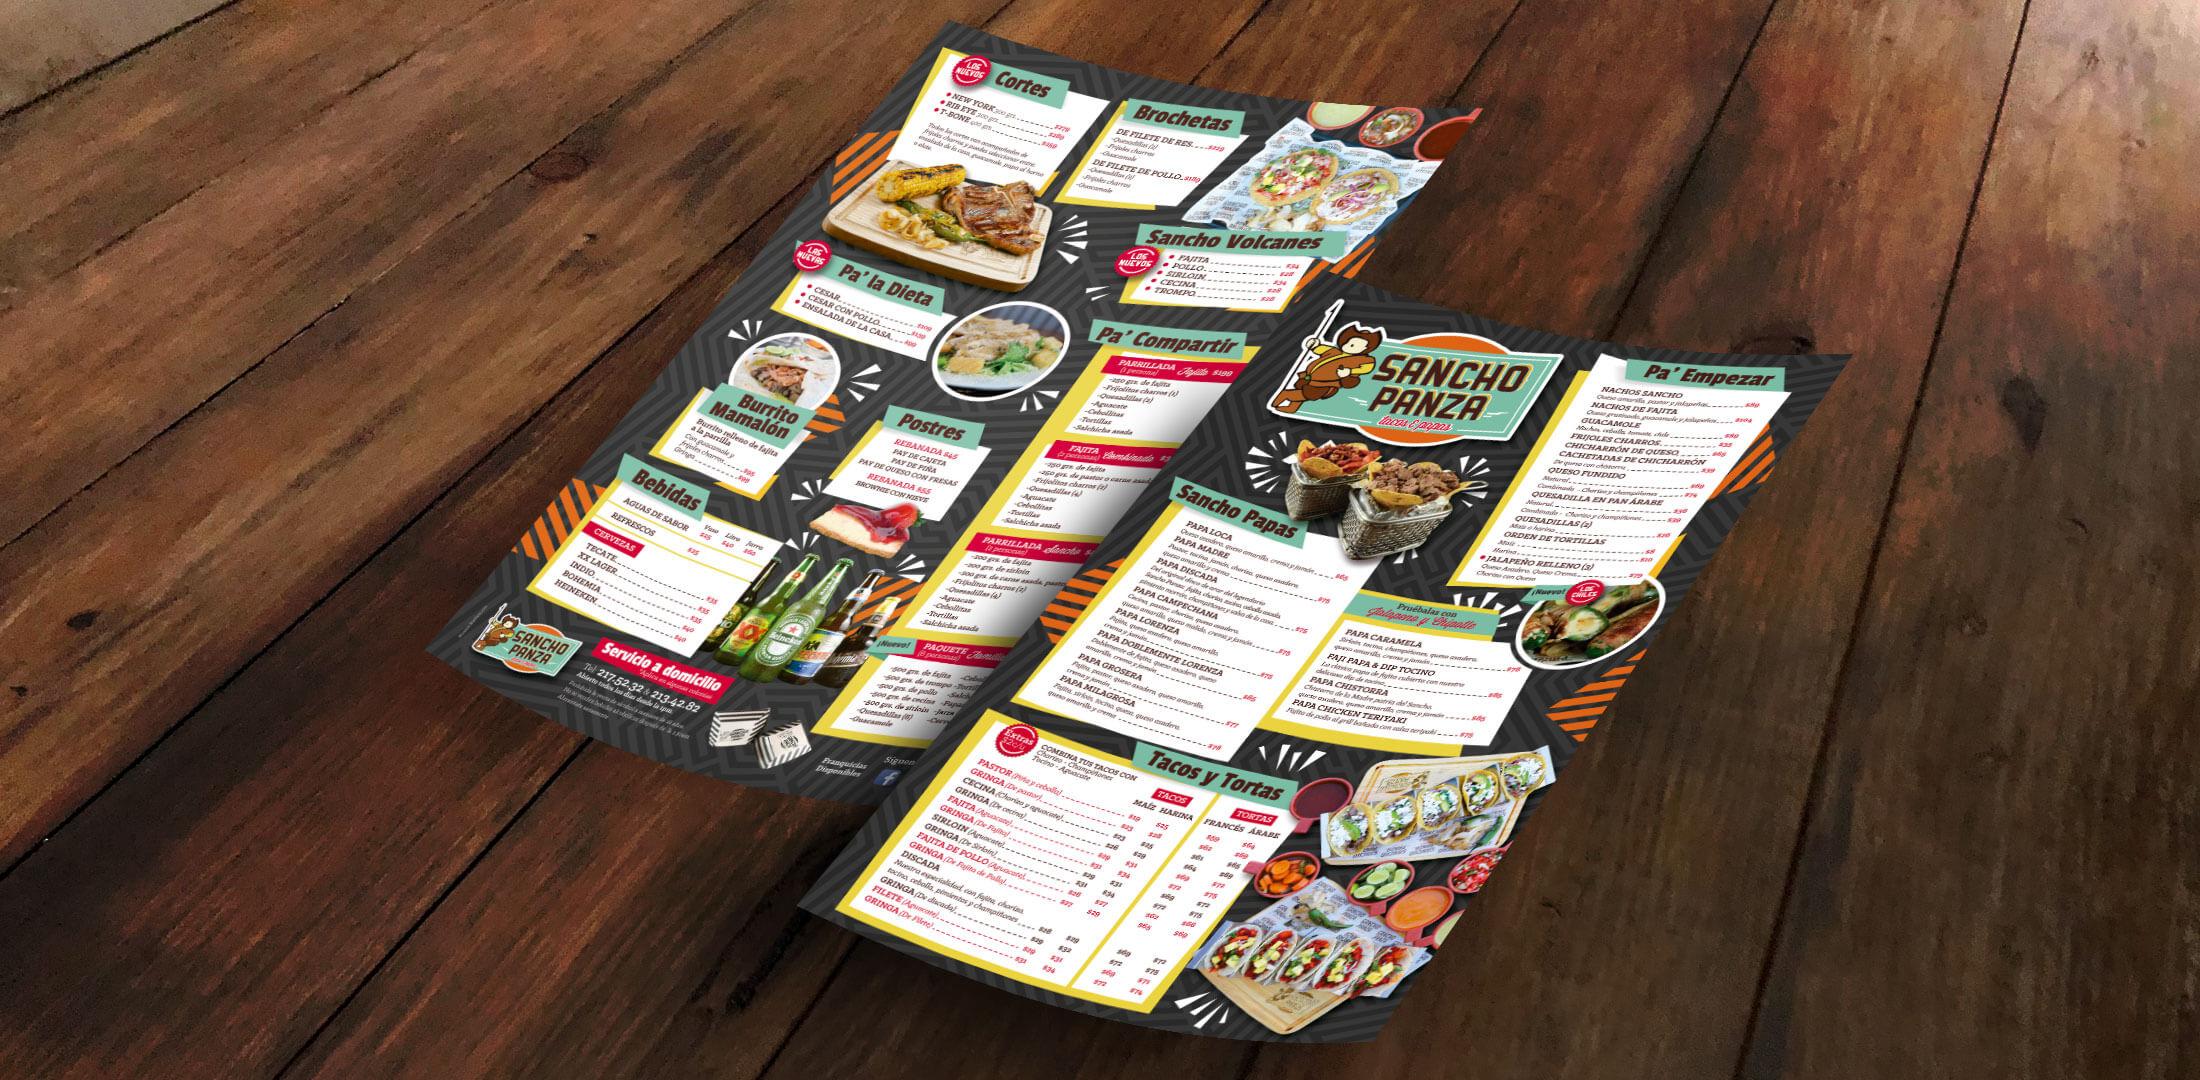 Diseño de Menú para Restaurante Tampico Sancho Panza - Lilian Feres